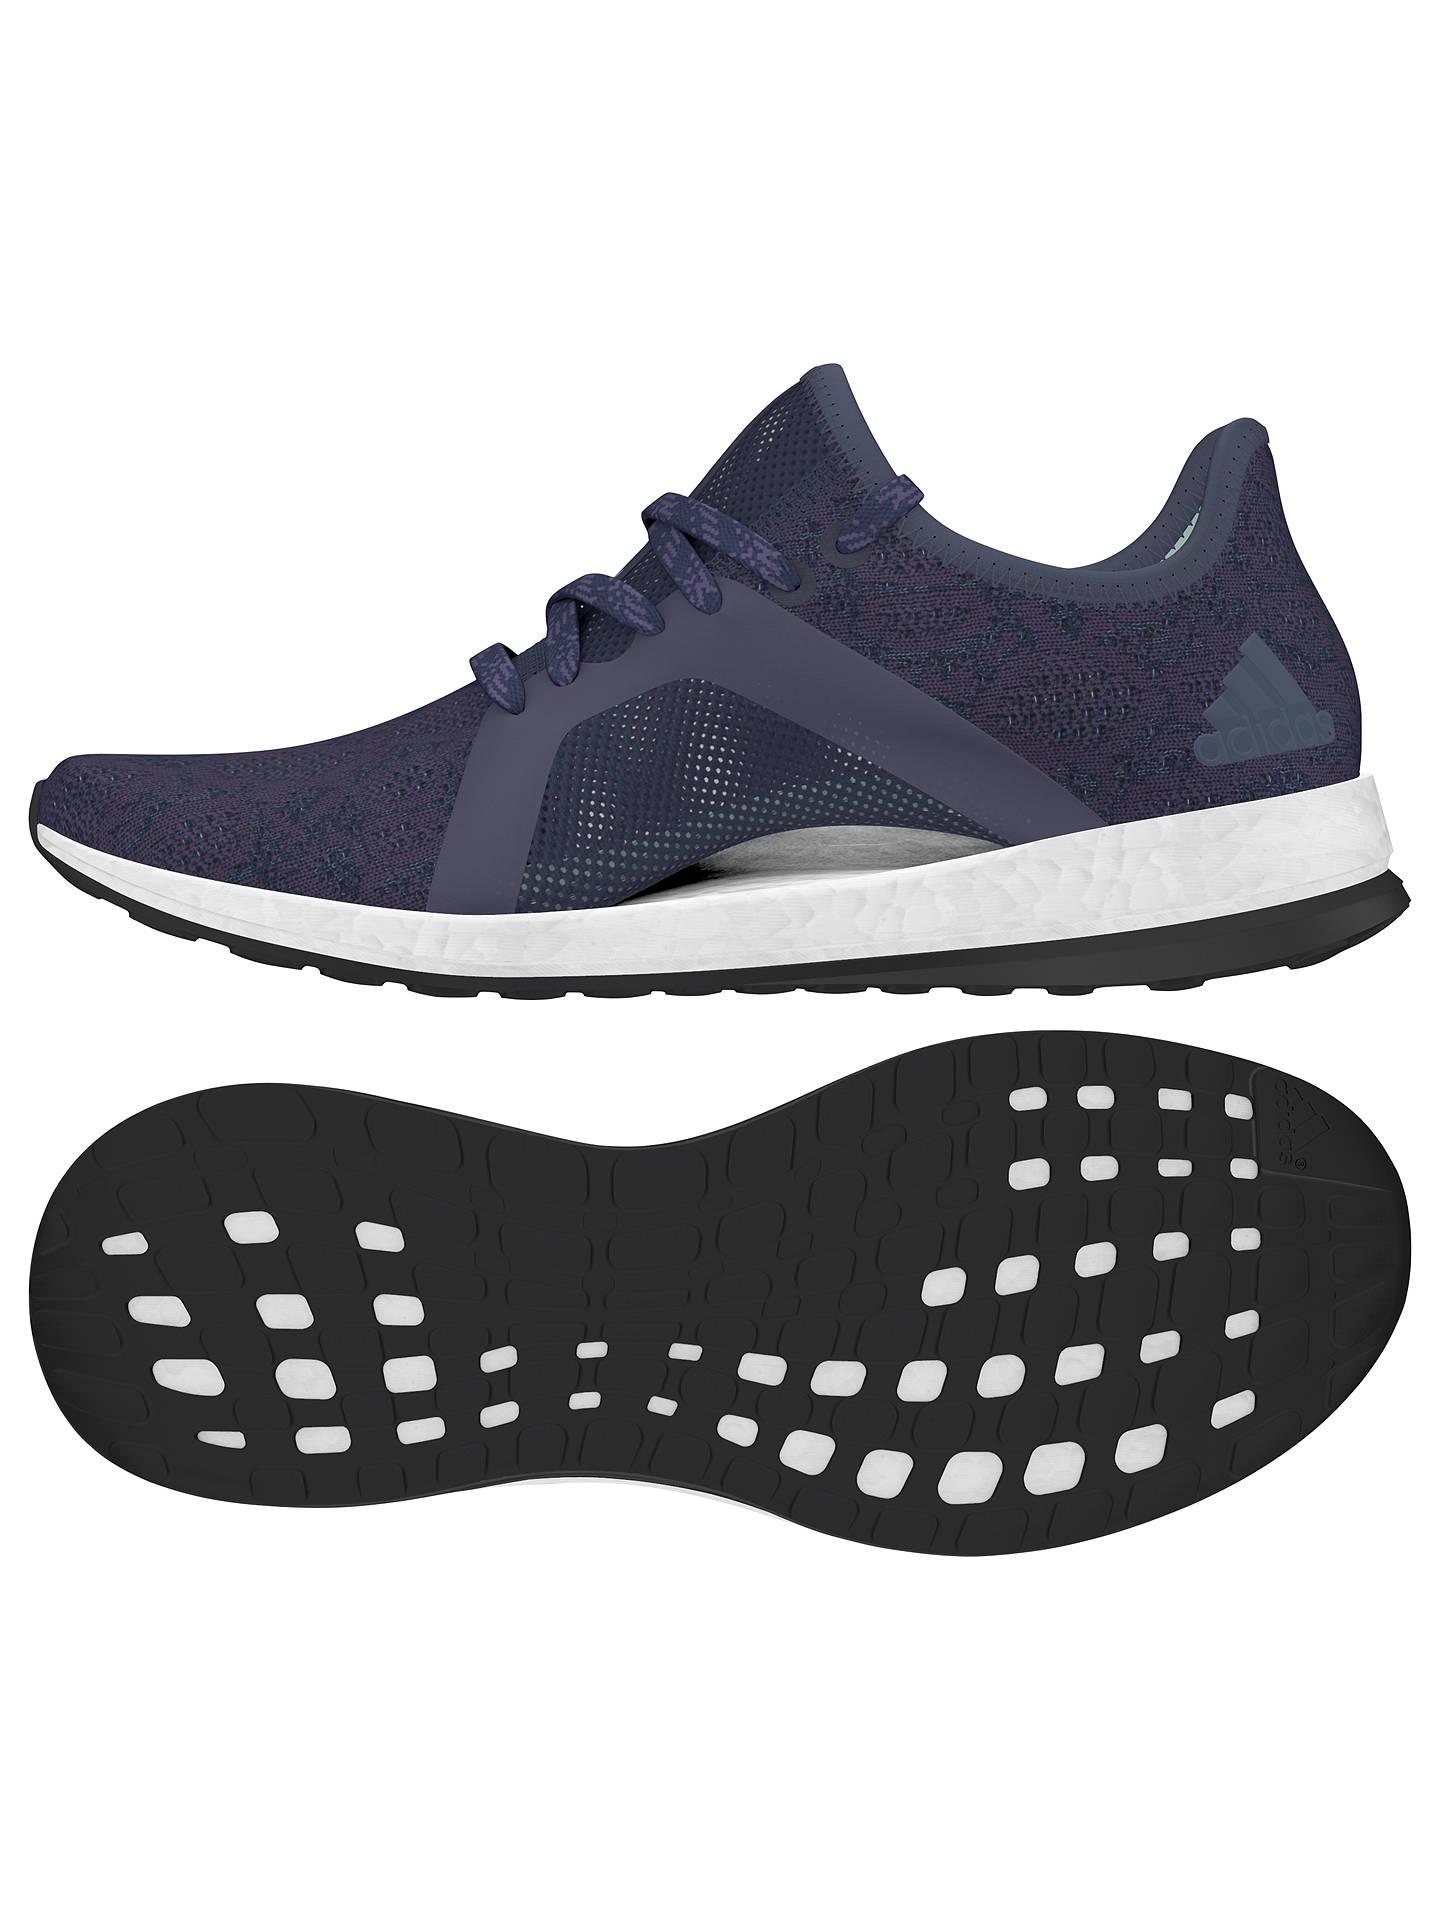 ba7fd02d6743ce BuyAdidas Pureboost X Element Women s Running Shoes